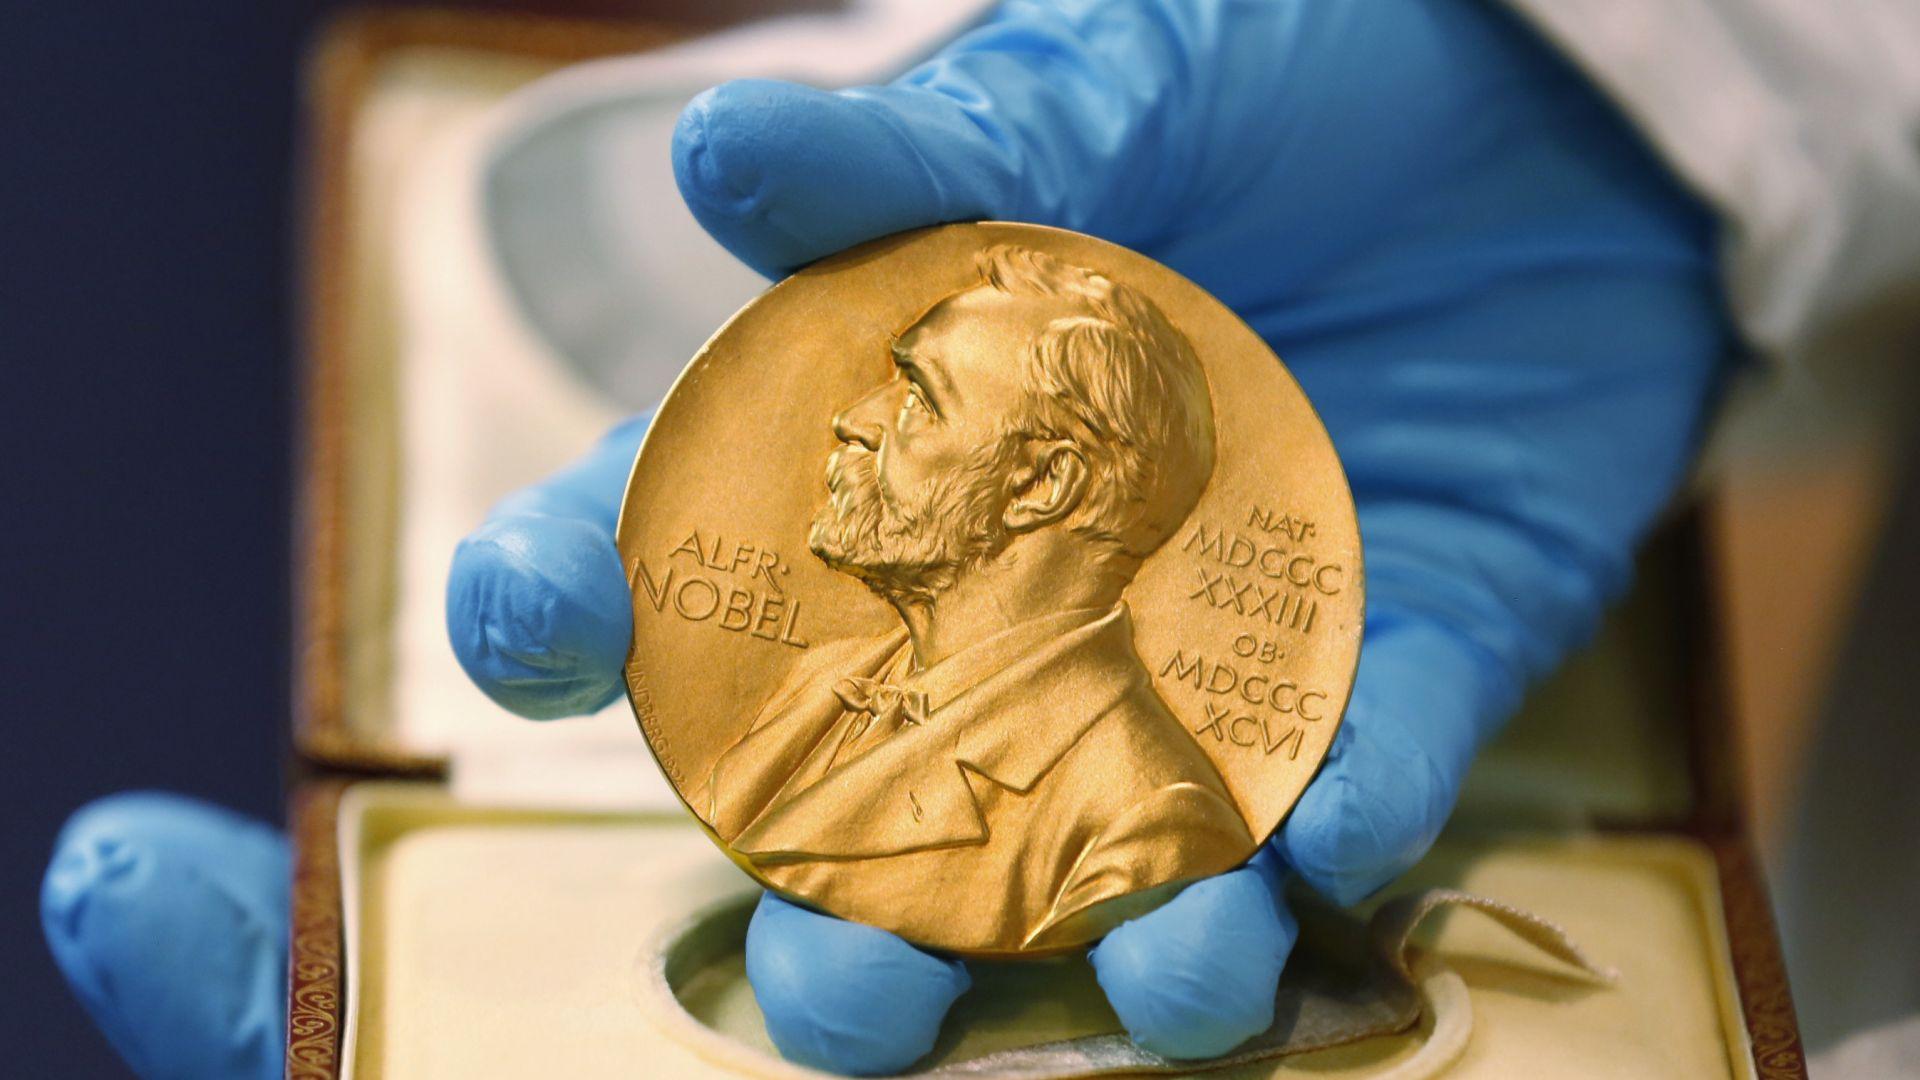 Тази седмица ще разберем кои ще са носителите на Нобеловата награда за химия и физика